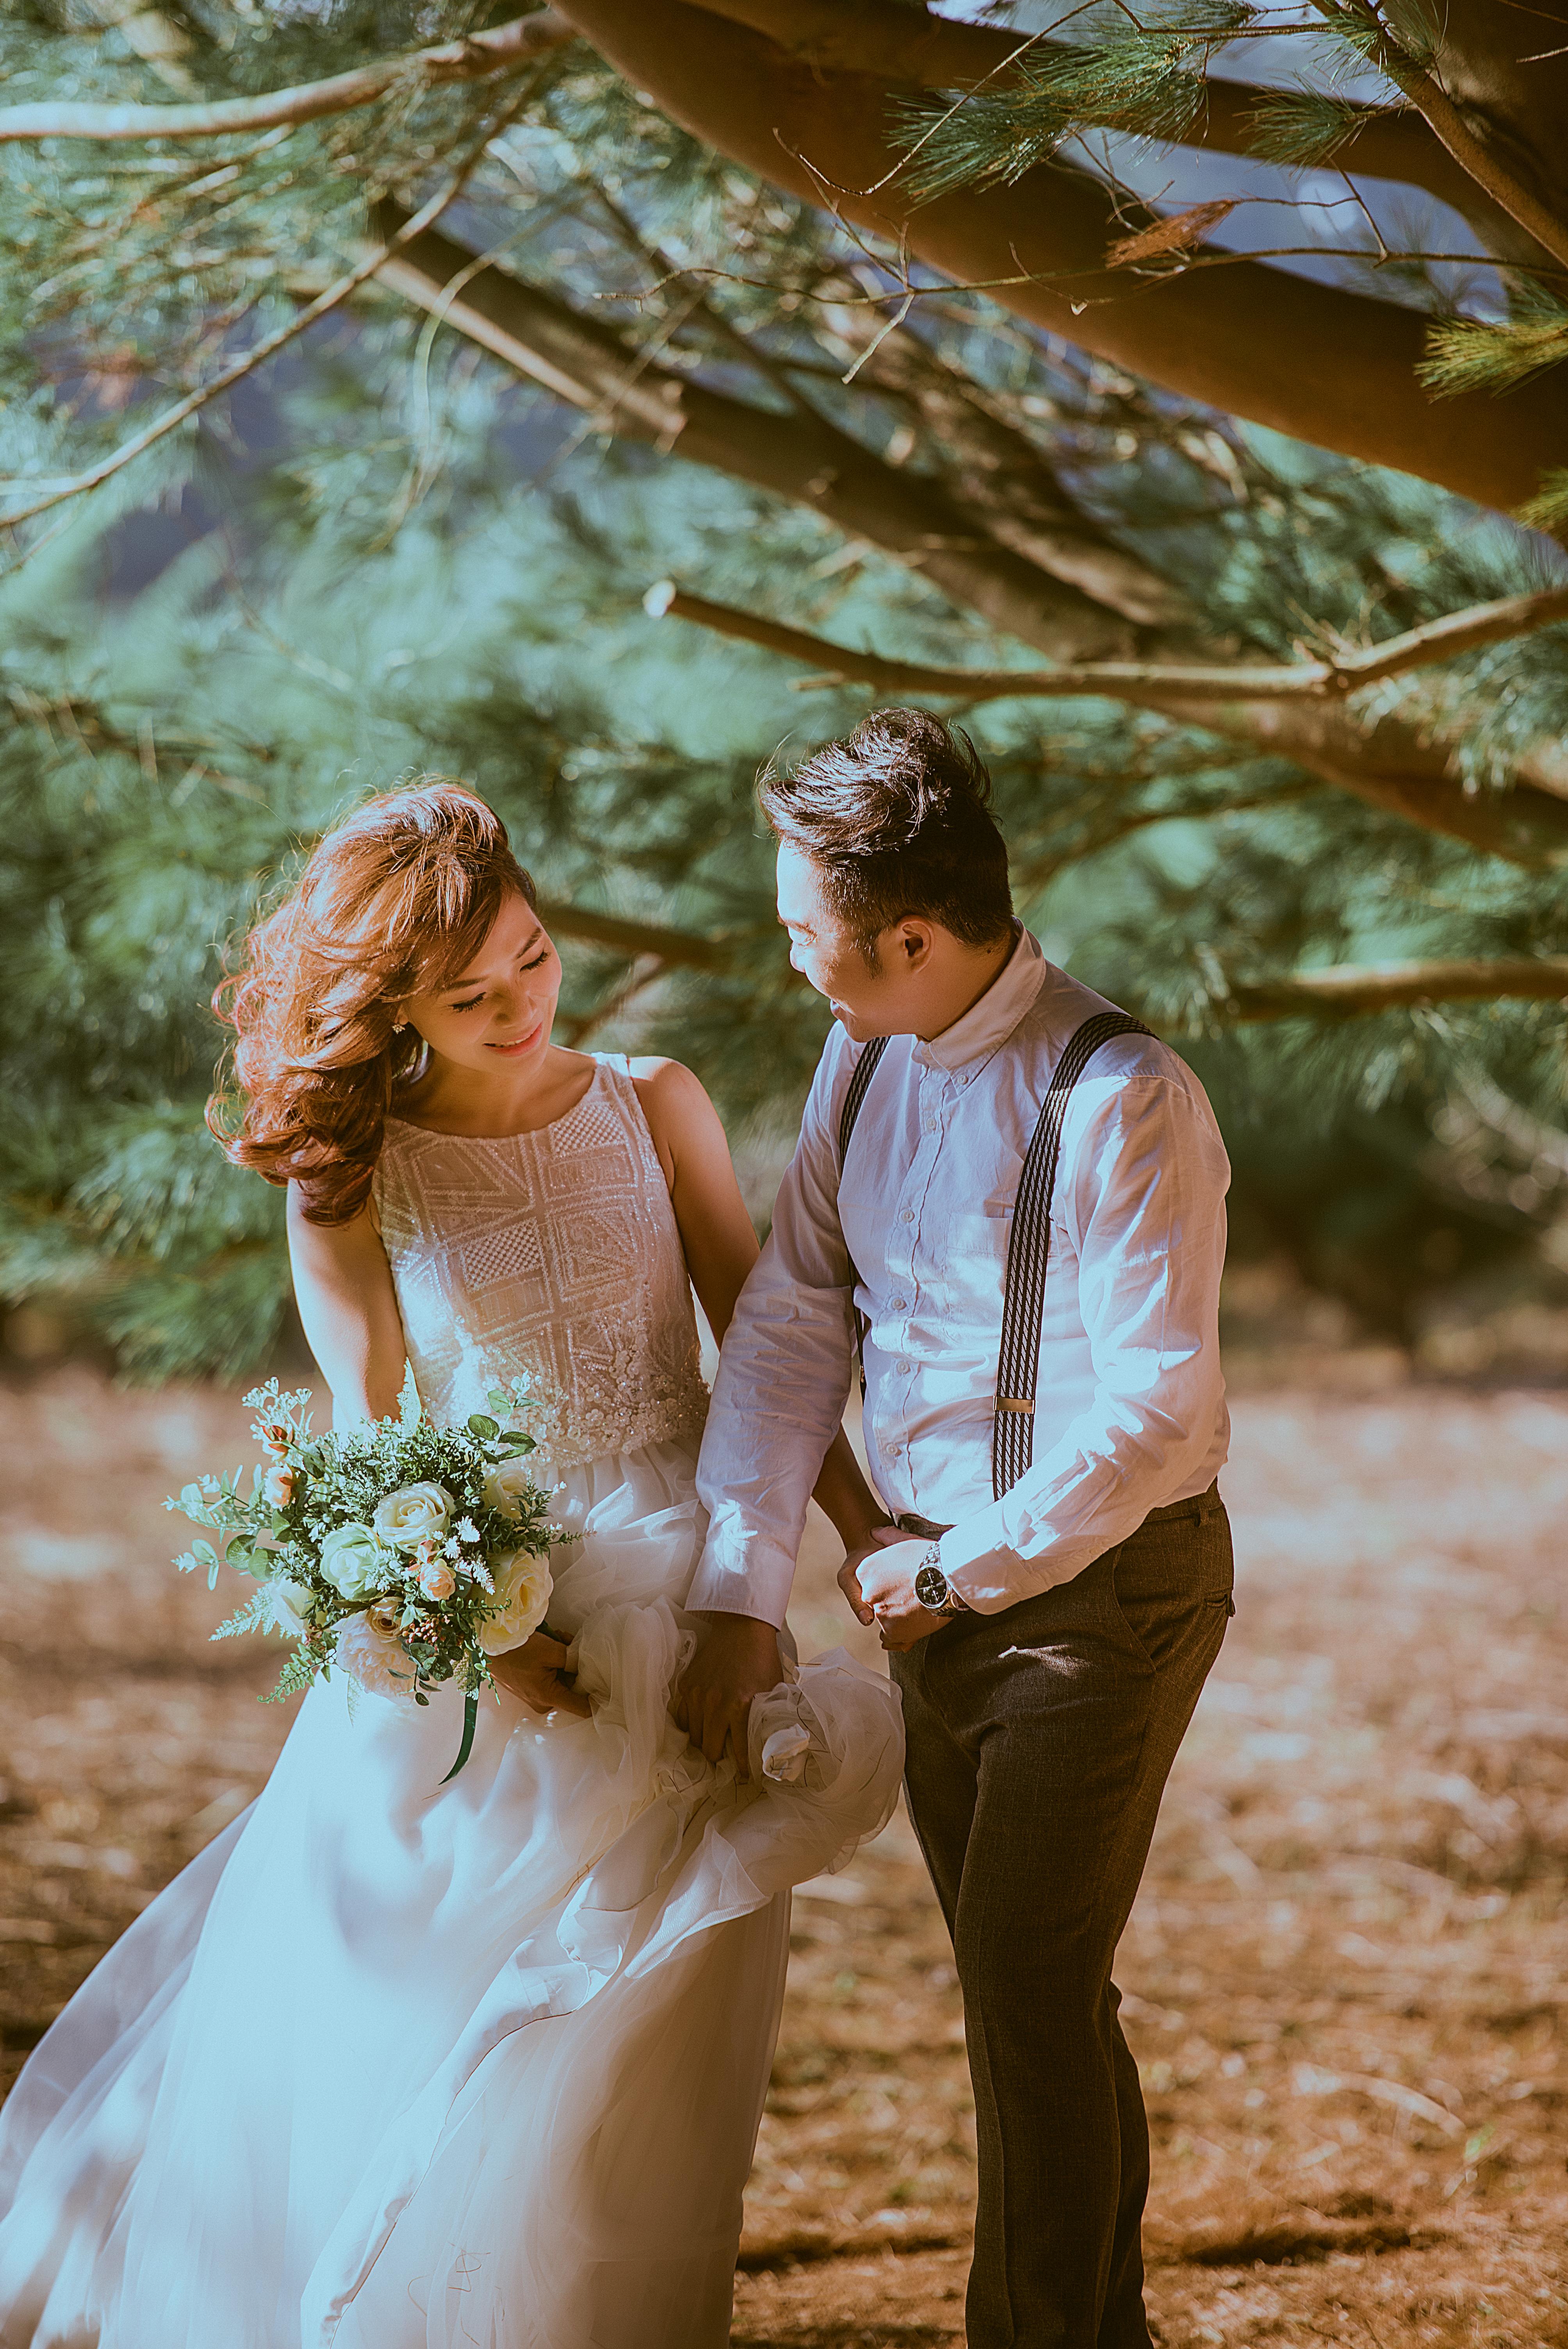 台中九天森林婚紗,台中婚紗顏氏牧場,台中婚紗秘境攝影,台中婚紗禮服推薦